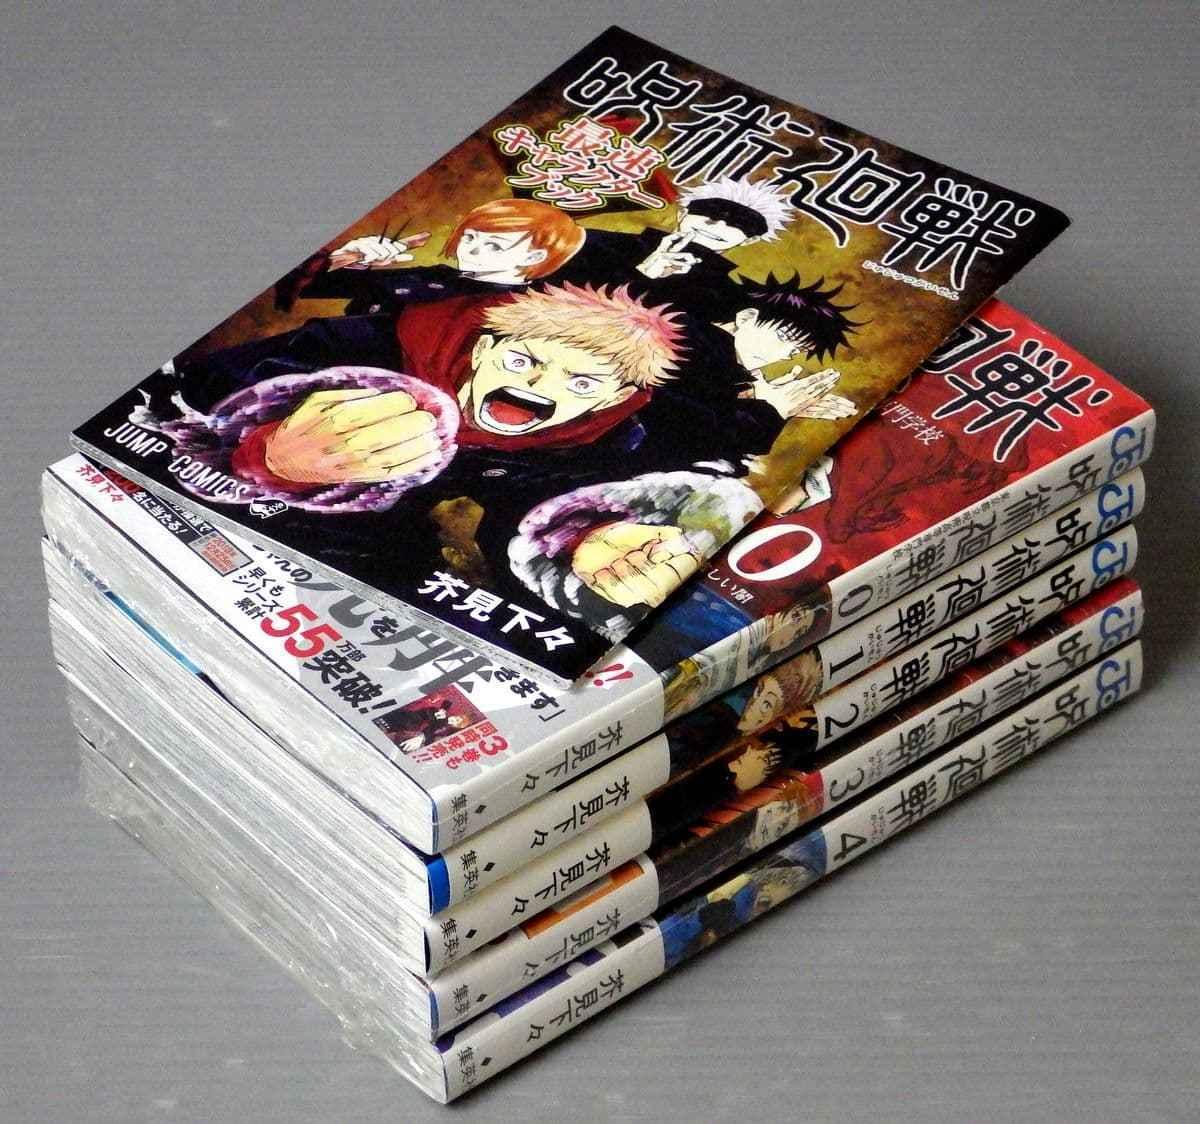 【3冊未開封!全巻帯付!】呪術廻戦〈0巻~4巻+最速キャラクターブック〉計6冊セット!